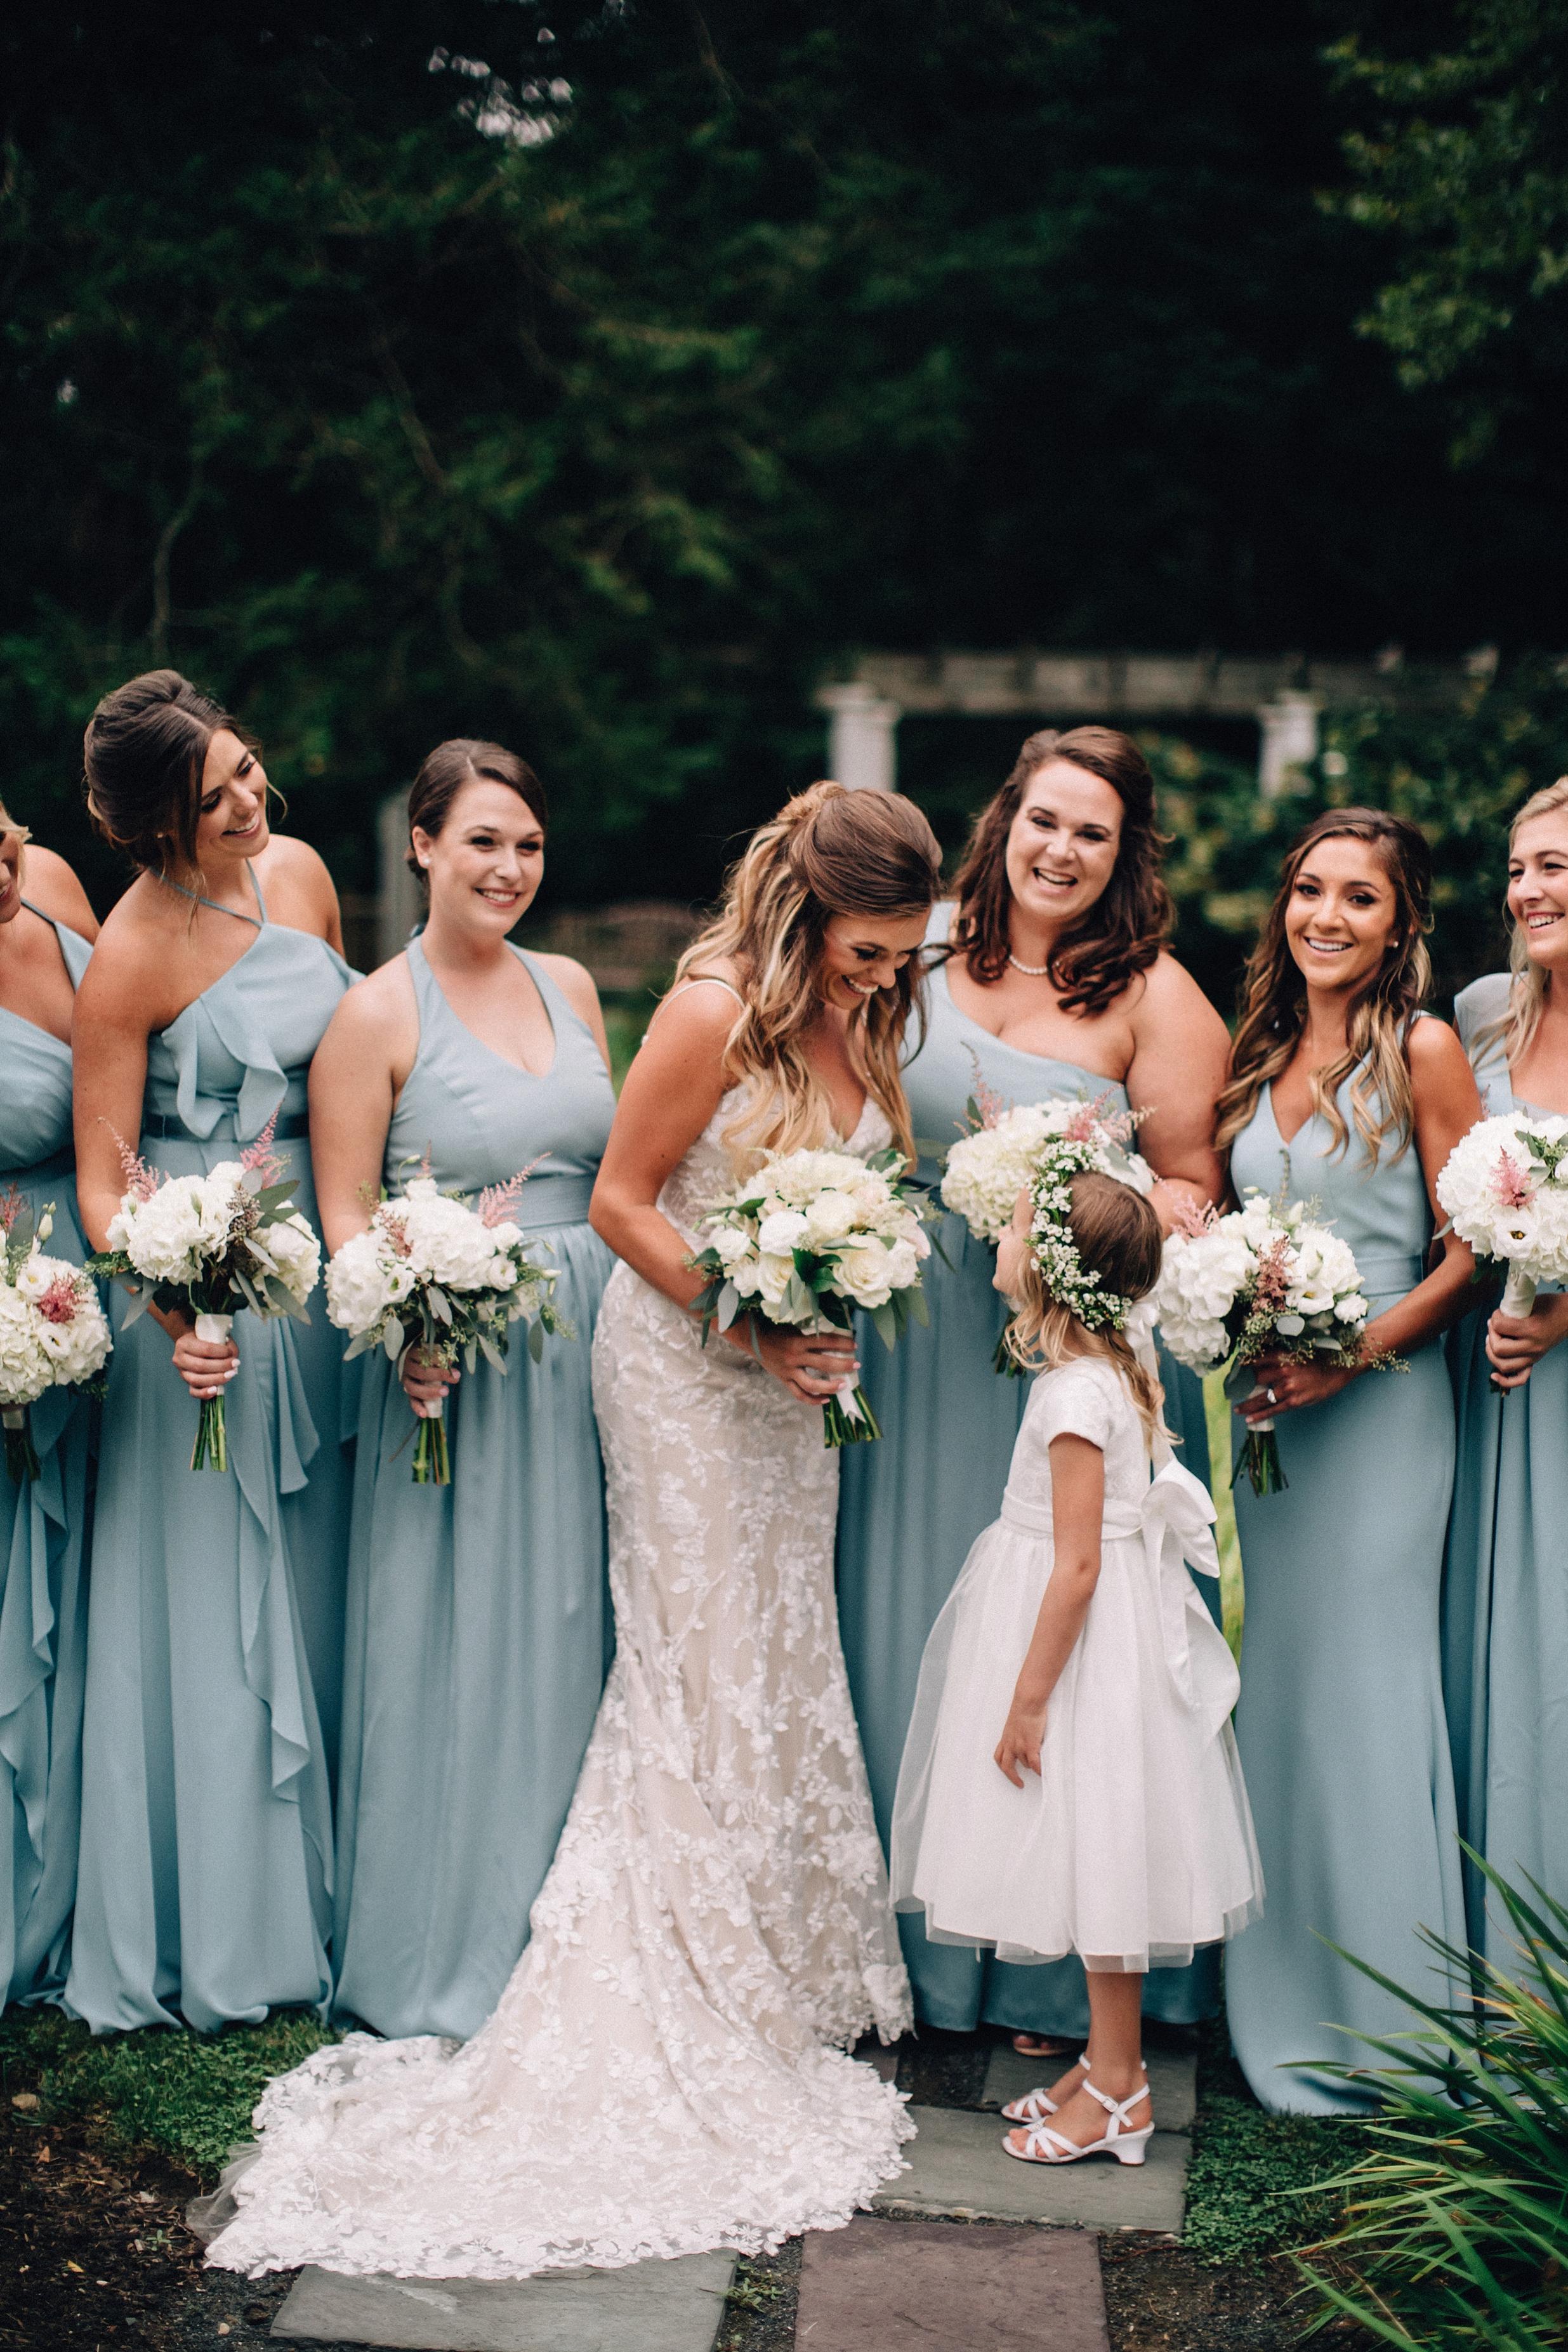 jersey-outdoor-ceremony-wedding-navasink-monmouth-rumson_0026.jpg